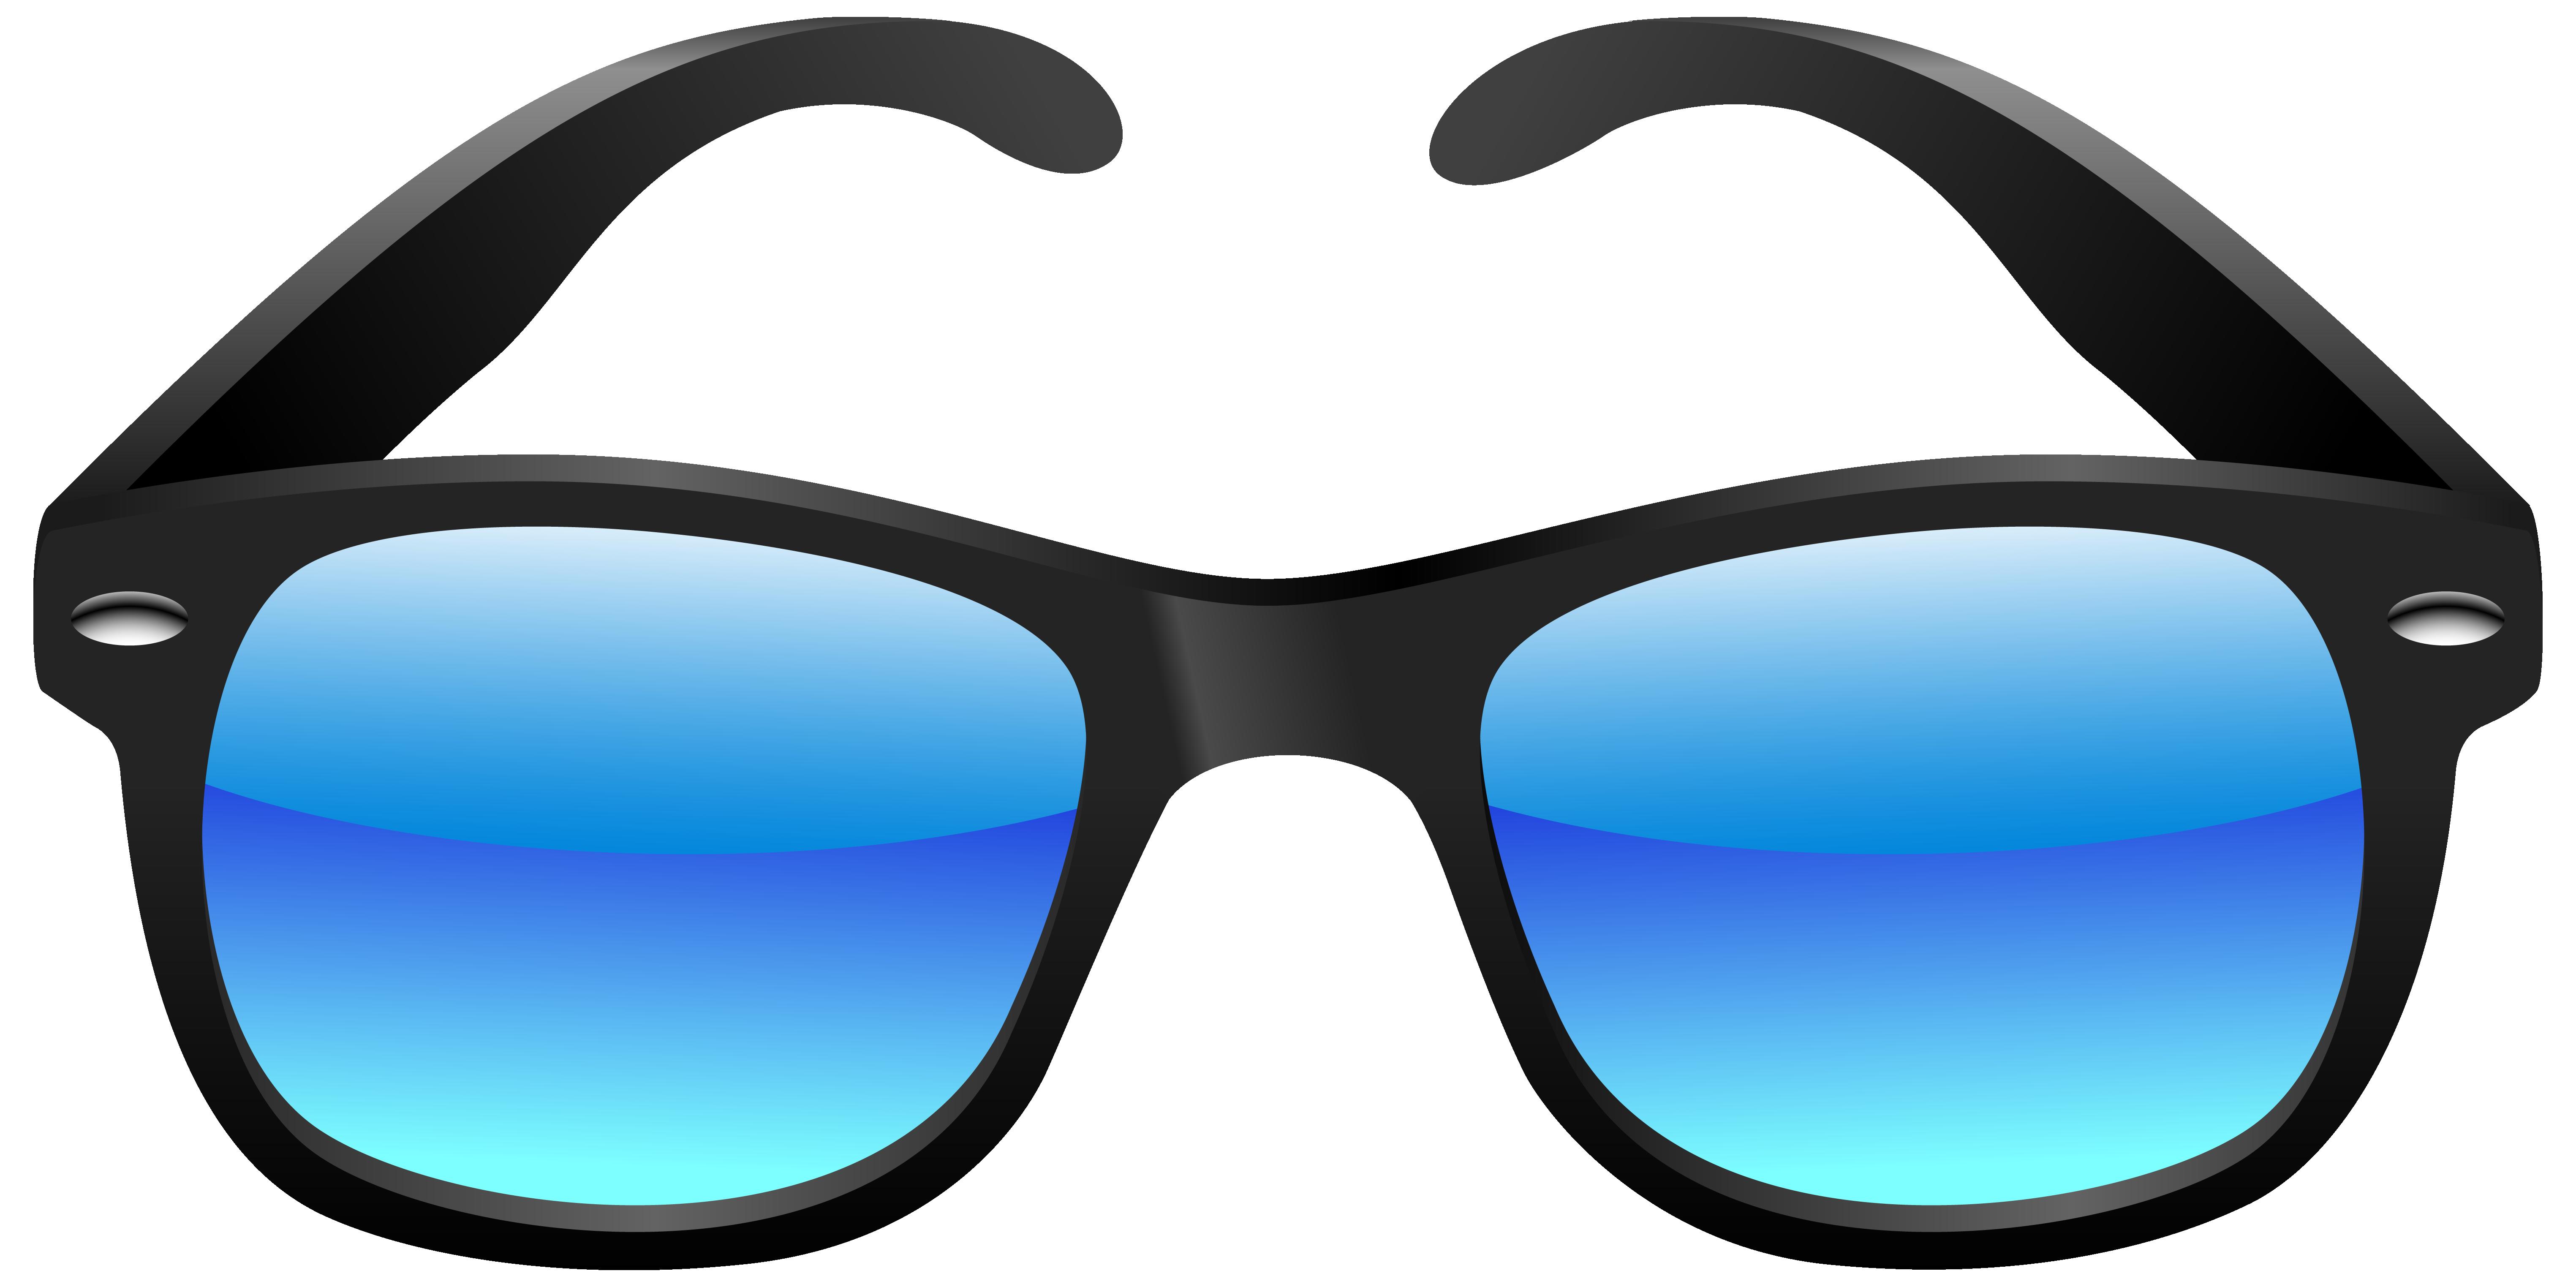 Sunglass Clip Art--0